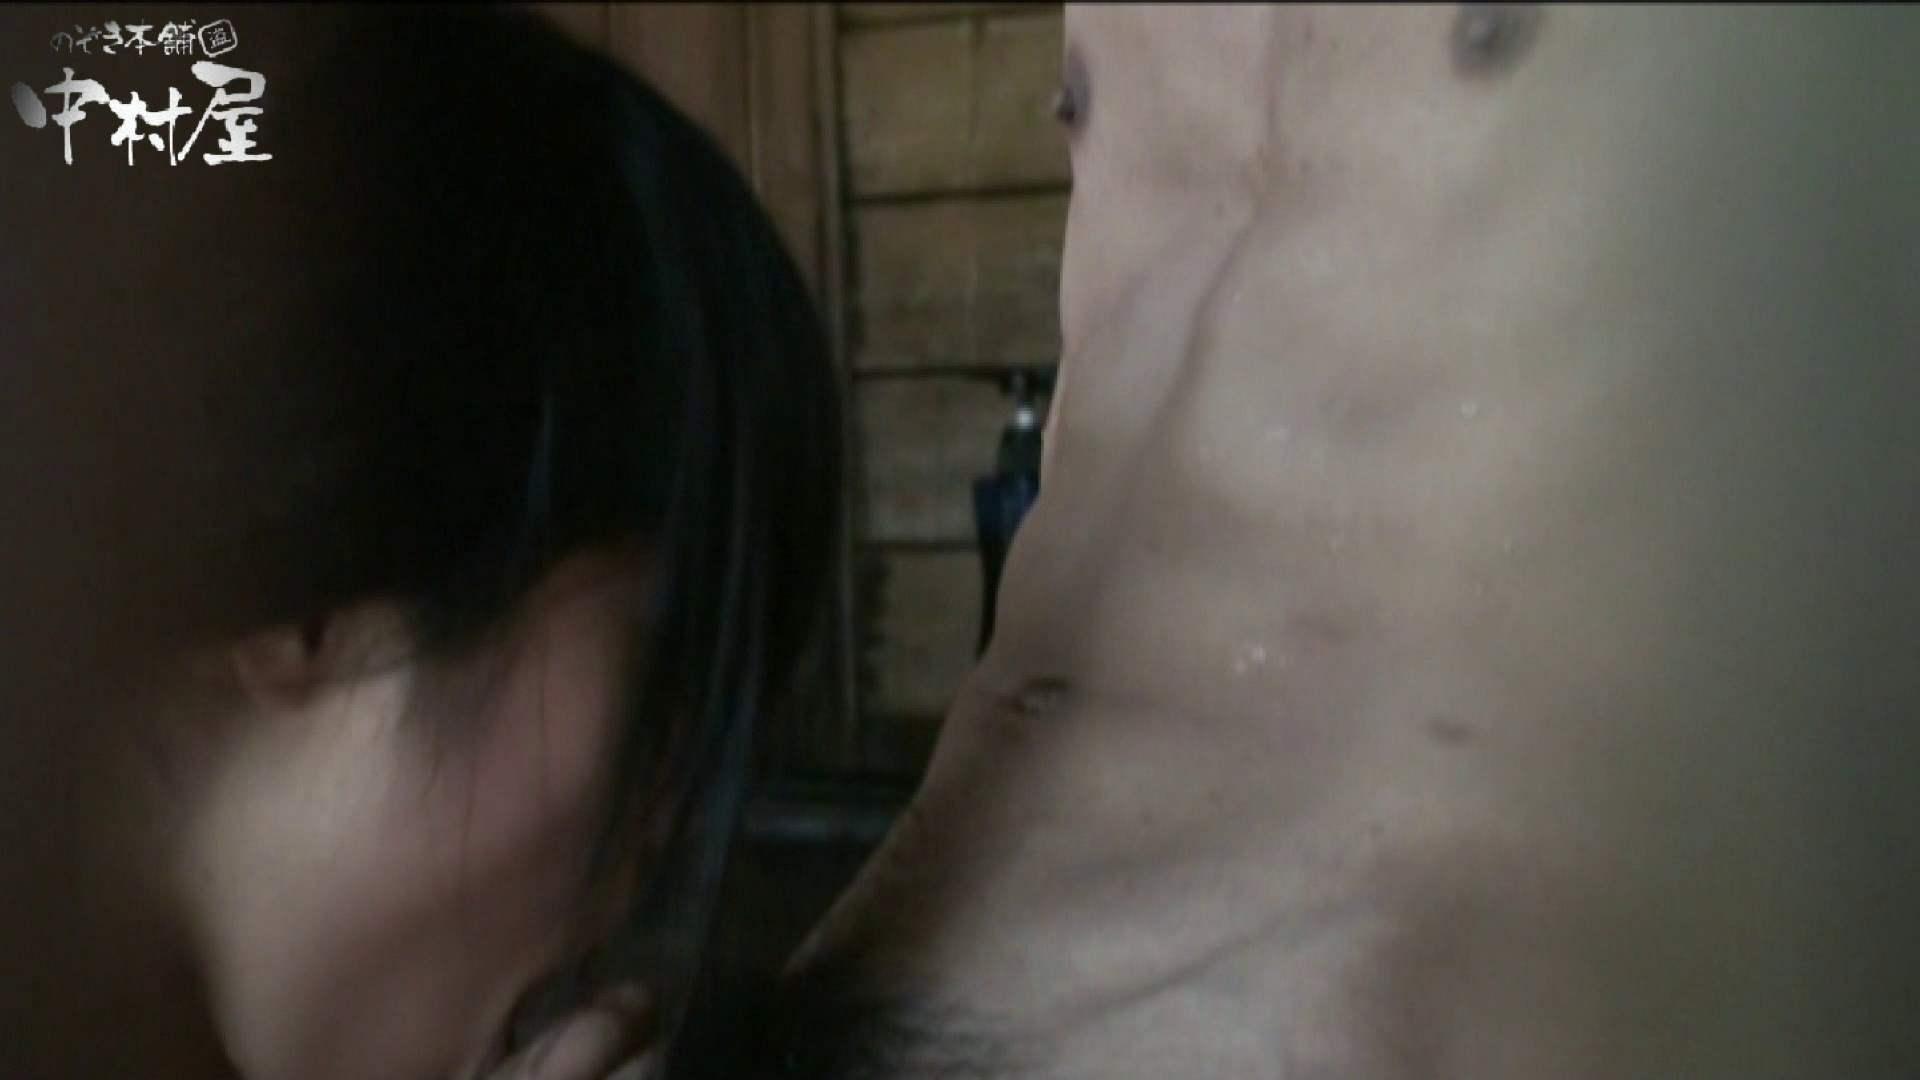 貸切露天 発情カップル! vol.01後編 性器丸見え セックス画像 110PIX 15